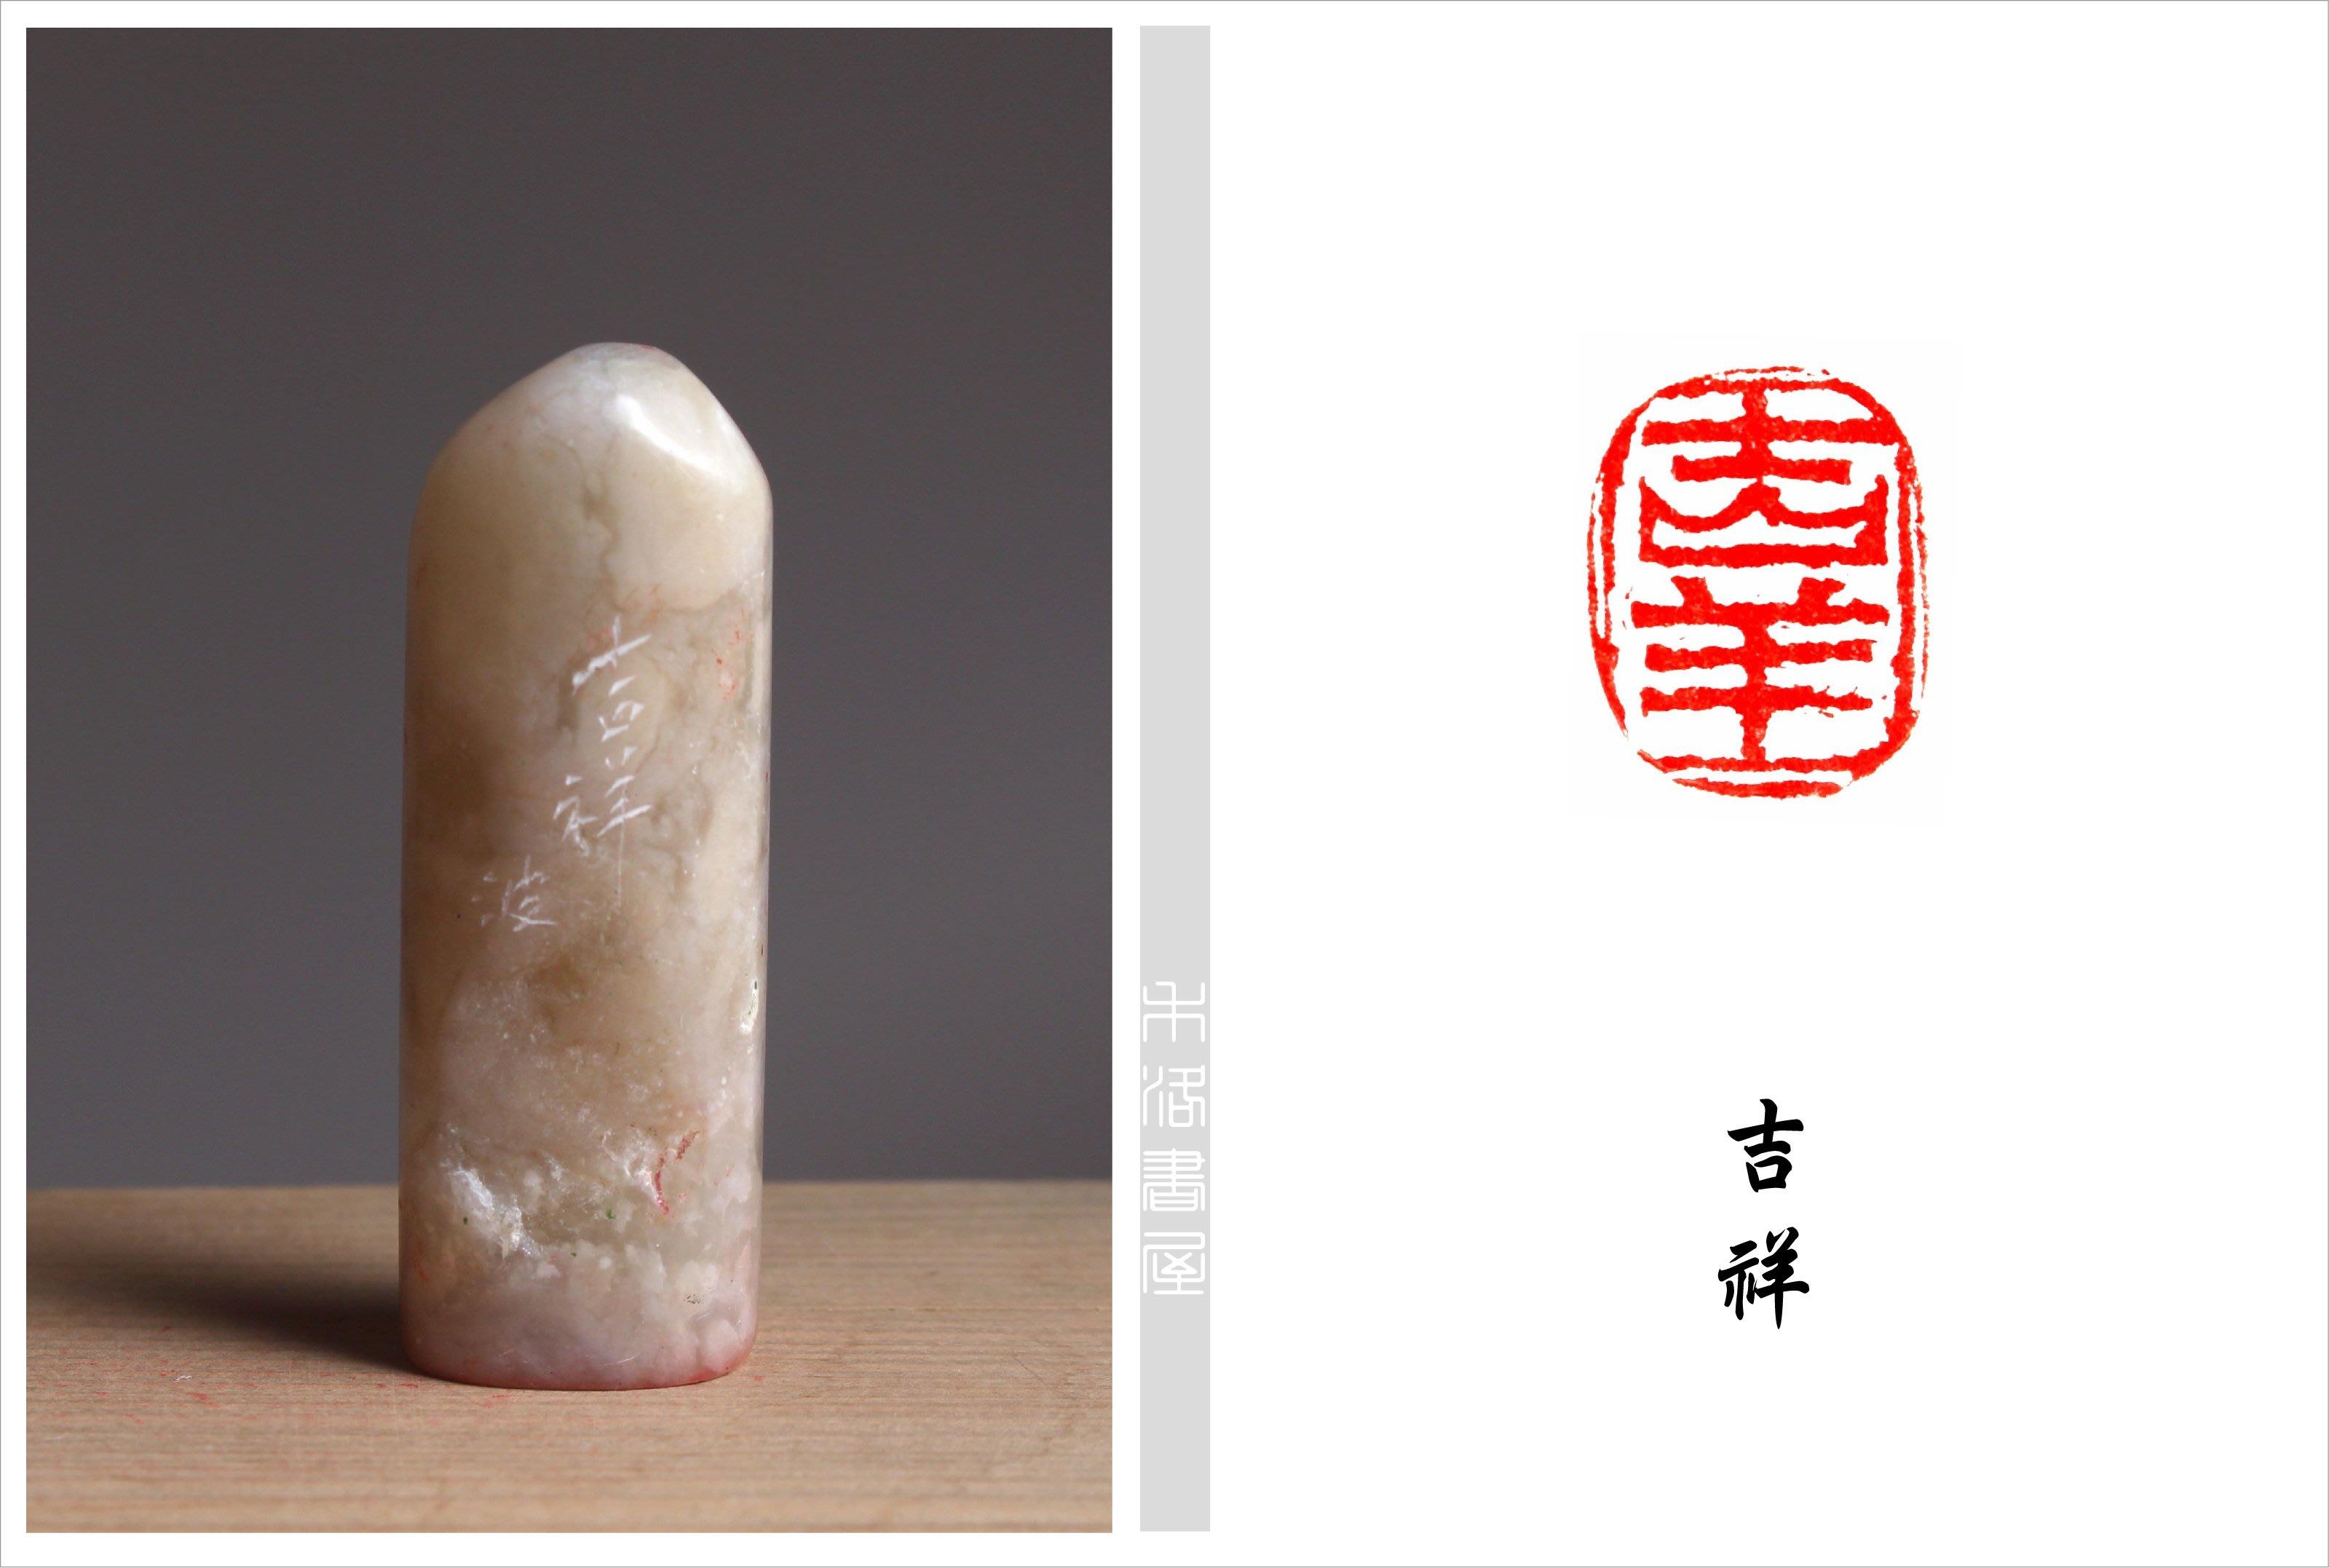 【禾洛書屋】P.019藝術家精品篆刻(閒章)《吉祥》朱清波 刻(1.6×2.1×6.0cm)